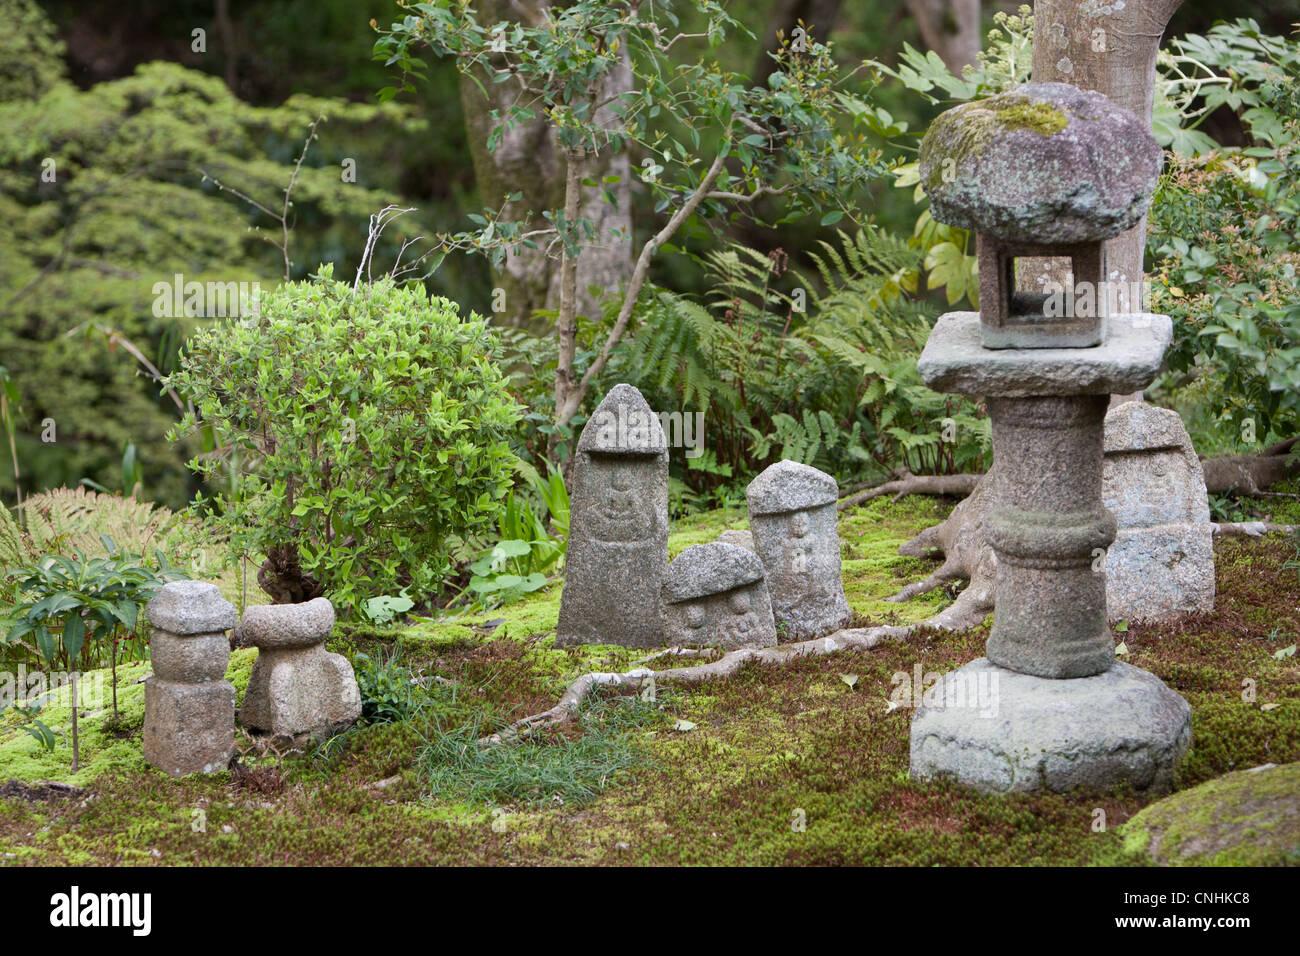 Zen Gardens The Zen Gardens At Tohfuku Ji Temple In Tofukuji Higashiyama